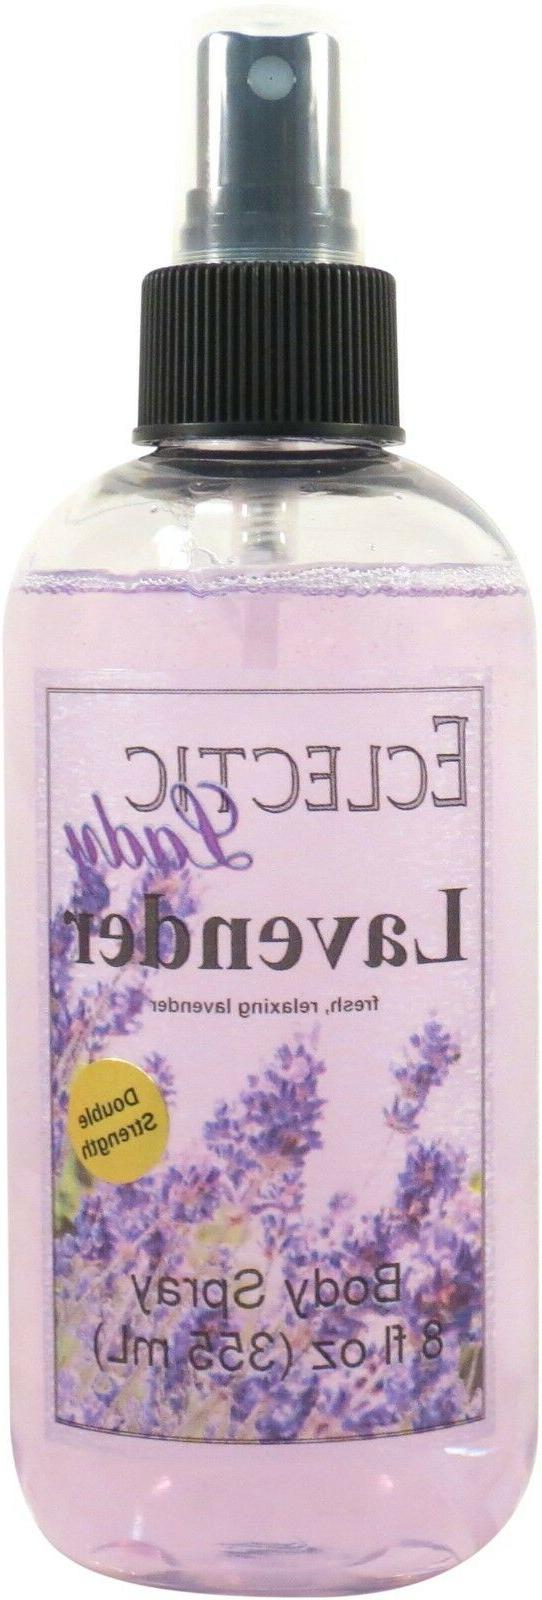 Lavender Spray